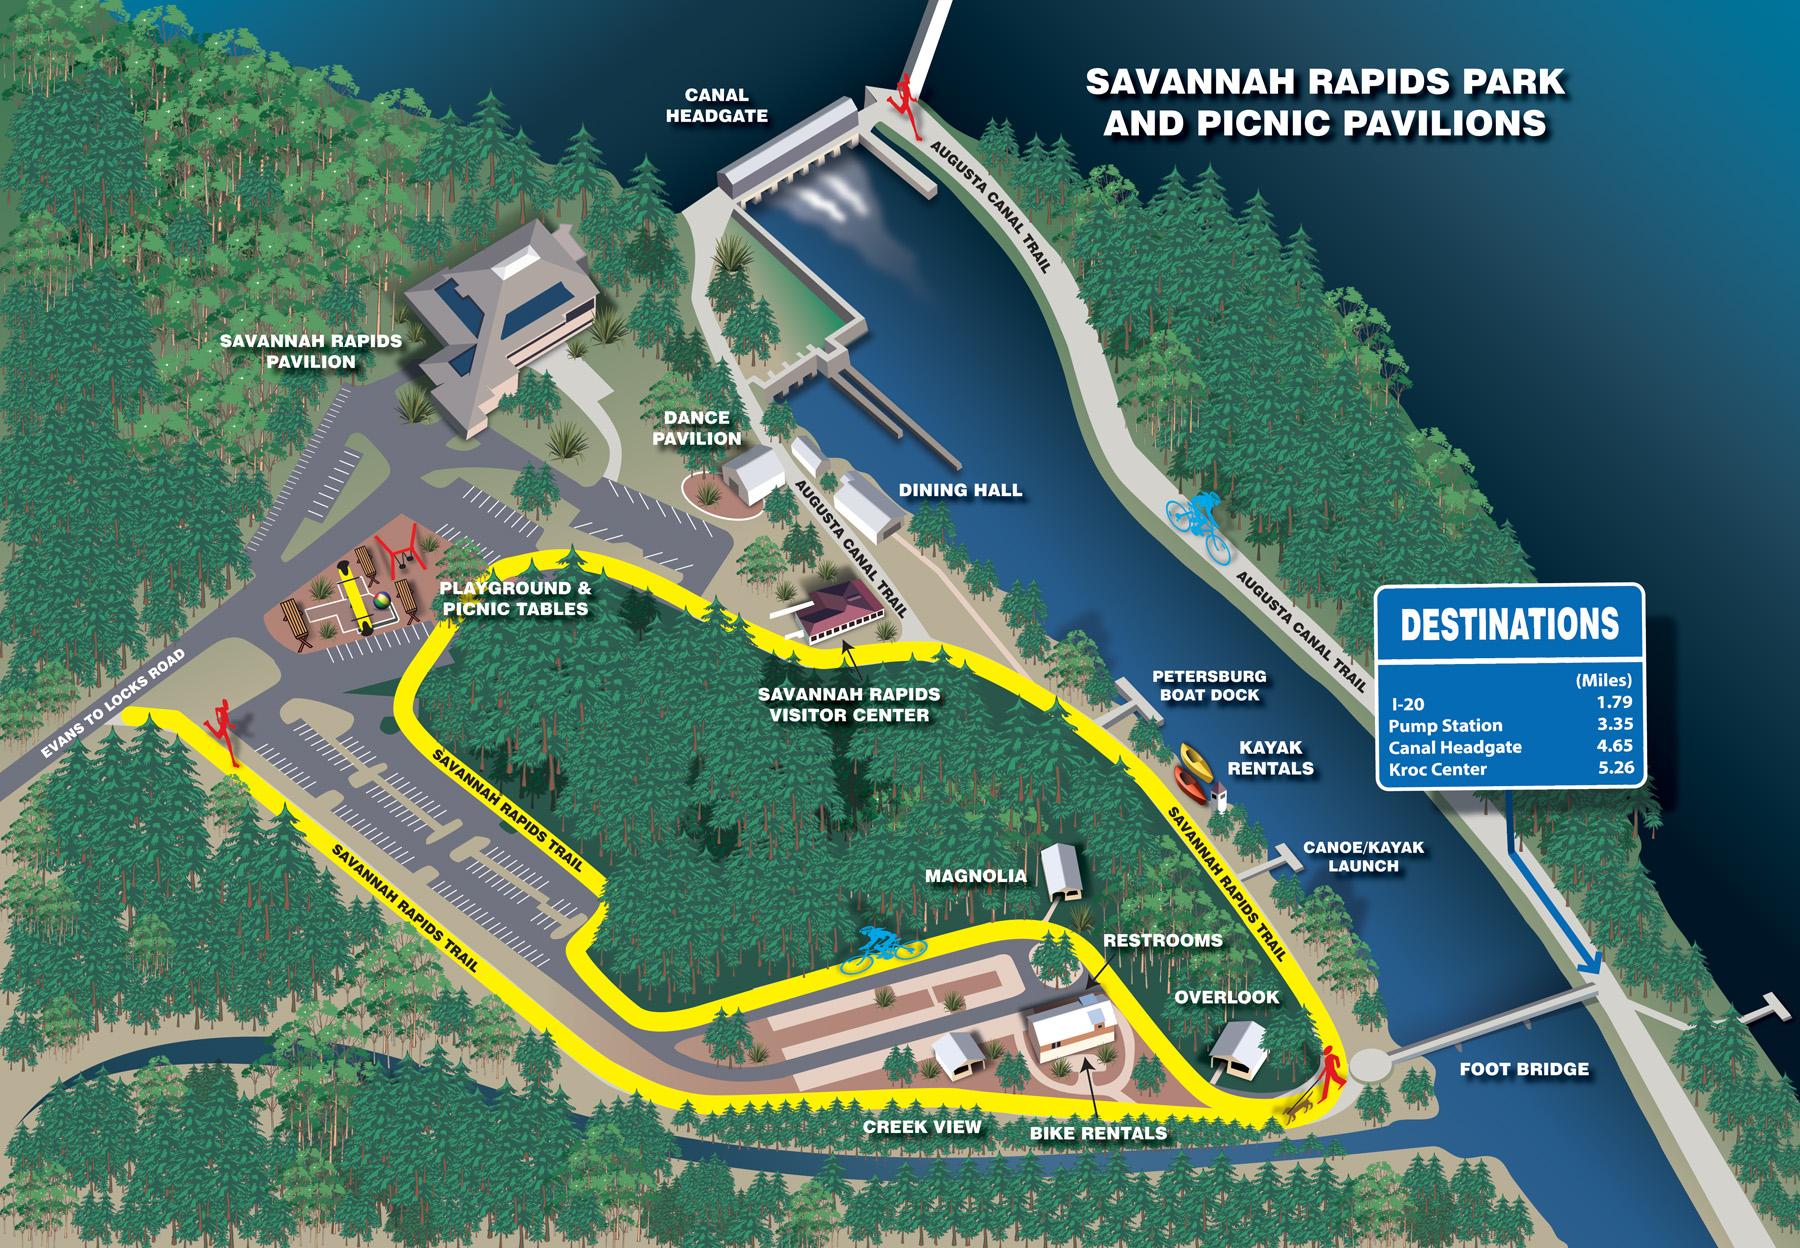 Savannah Rappids Park